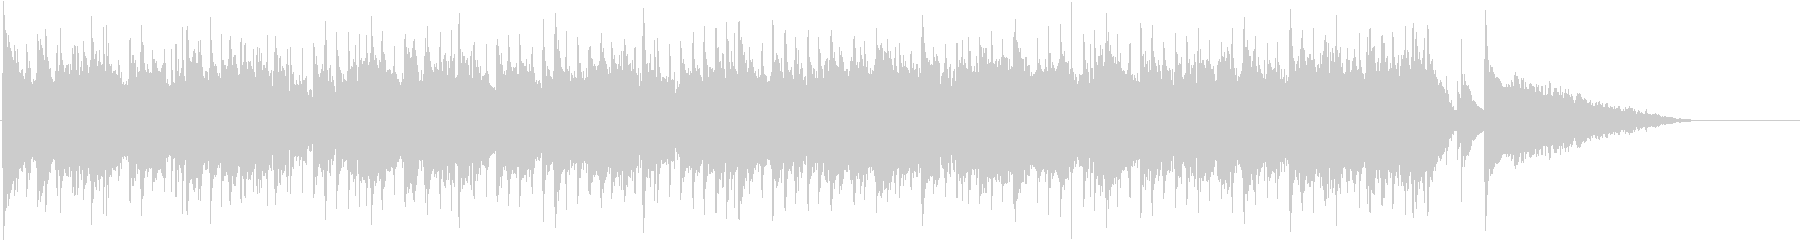 ほのぼのまったりなポップなBGMの未再生の波形